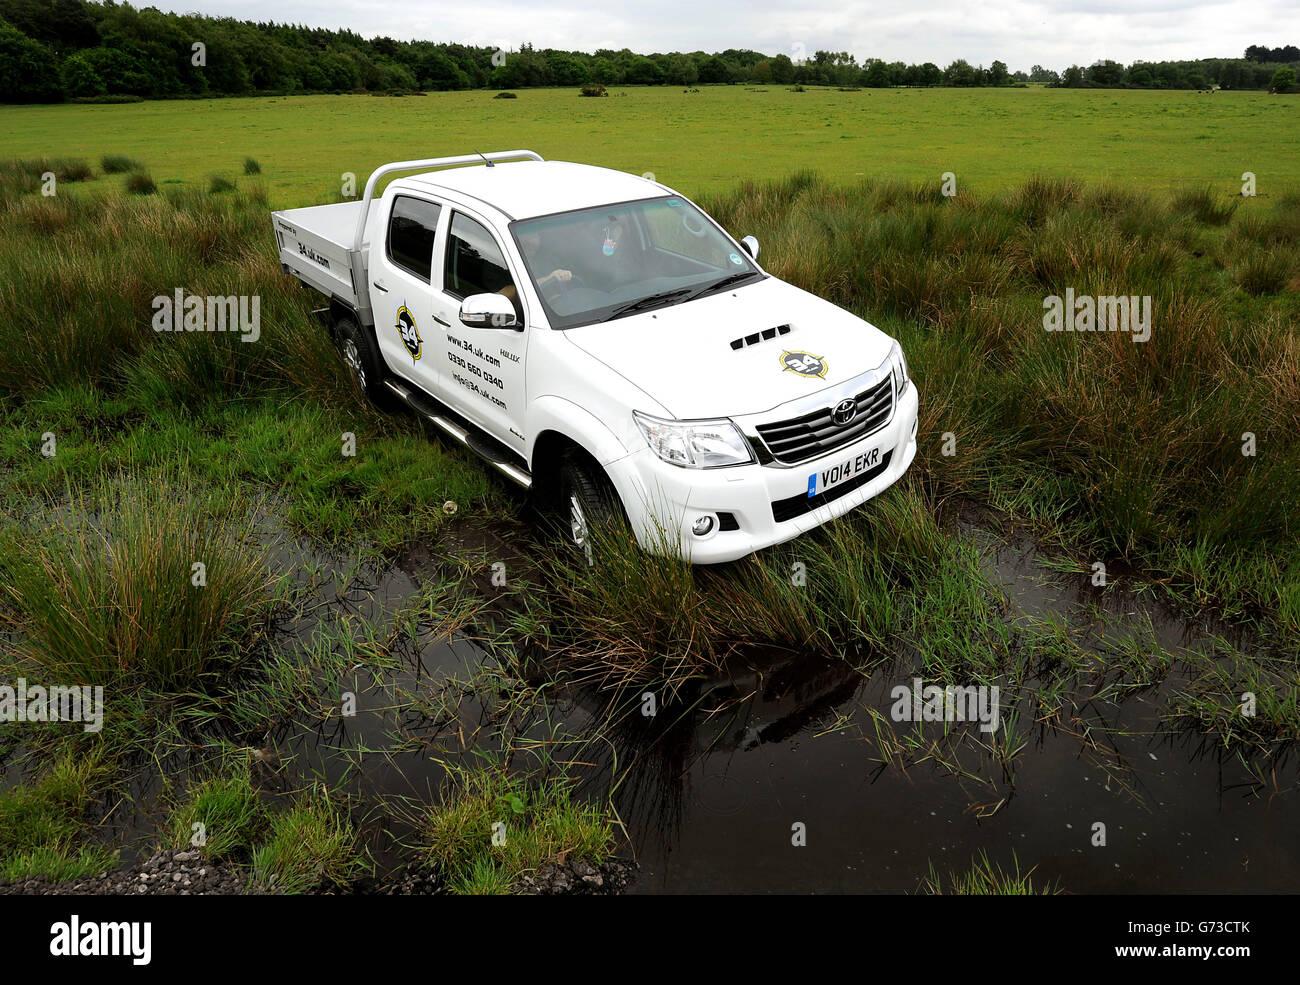 Toyota Fleet handover to SG HLX Stock Photo